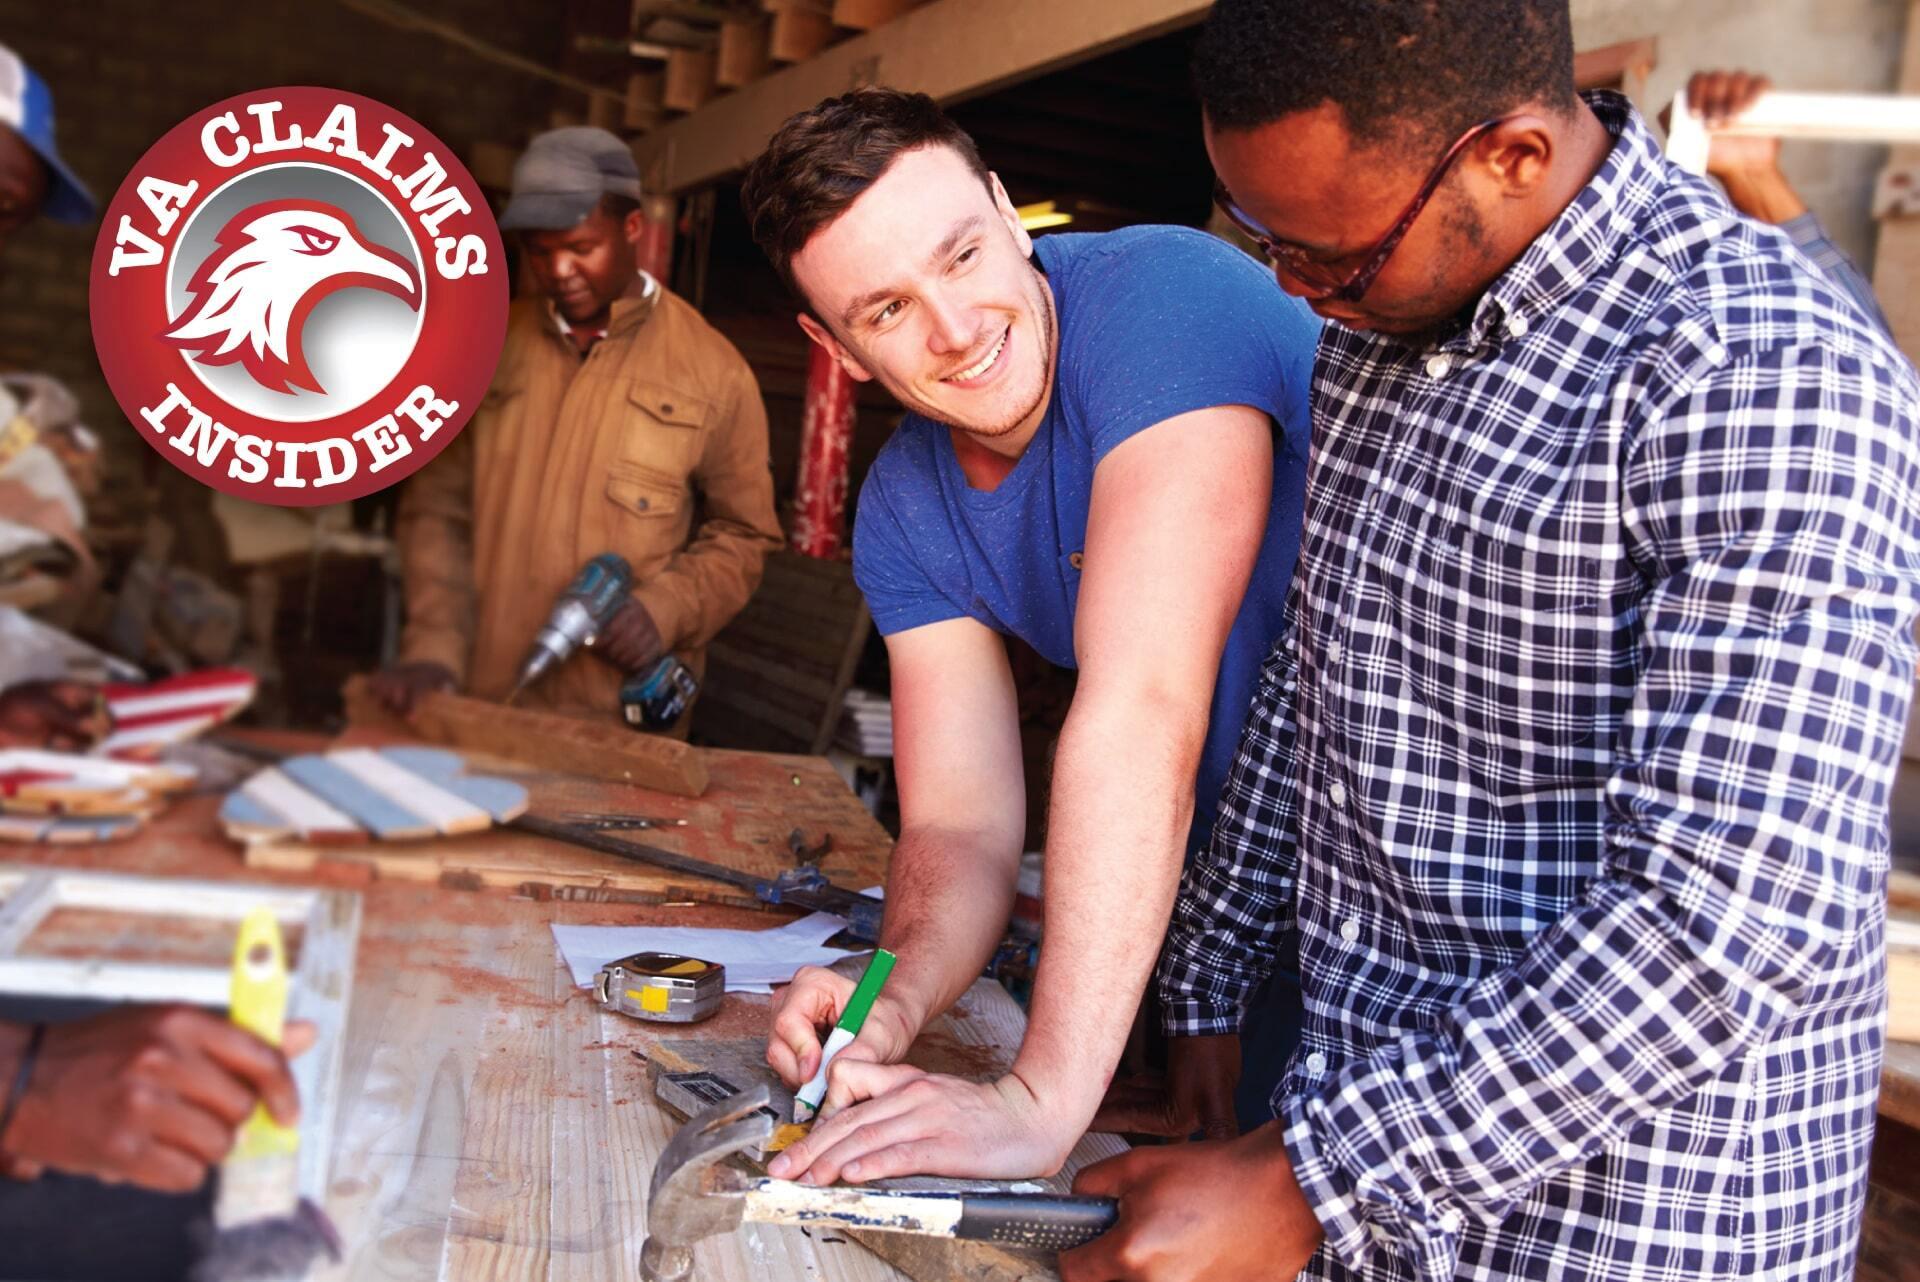 Employment and Job Training Veteran Charities